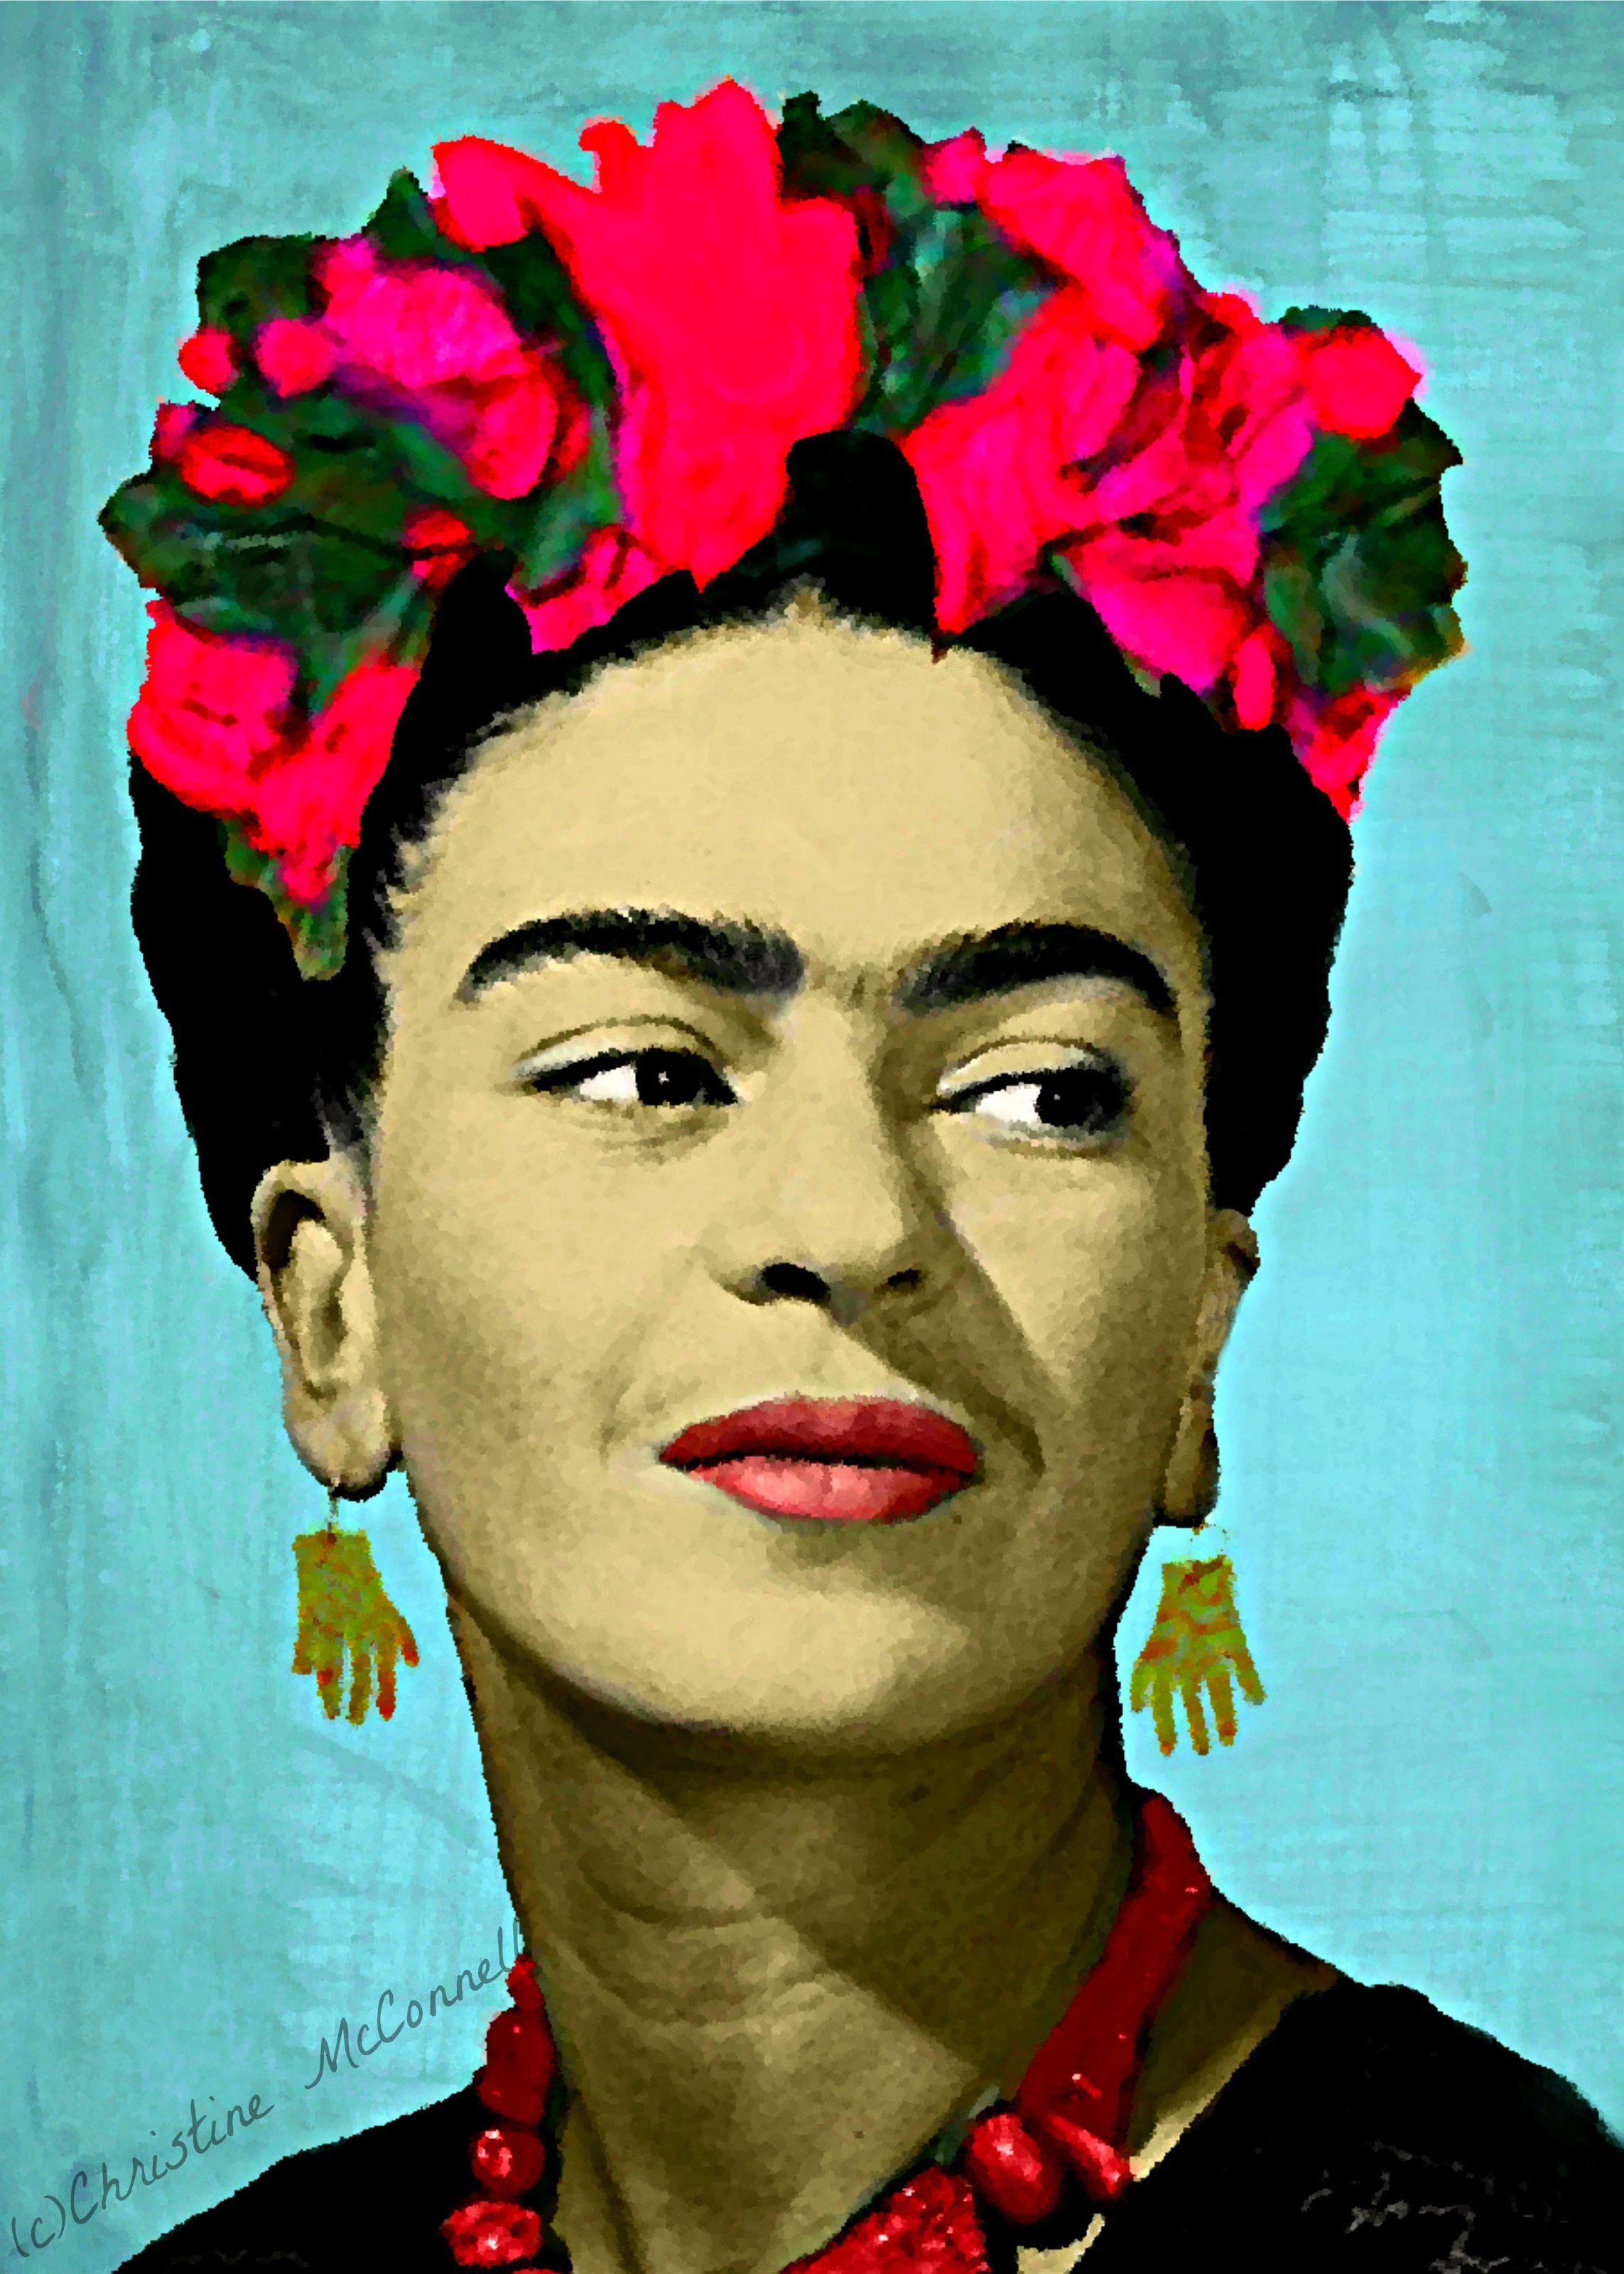 frida kahlo digital painting print from frida pinterest frauen. Black Bedroom Furniture Sets. Home Design Ideas